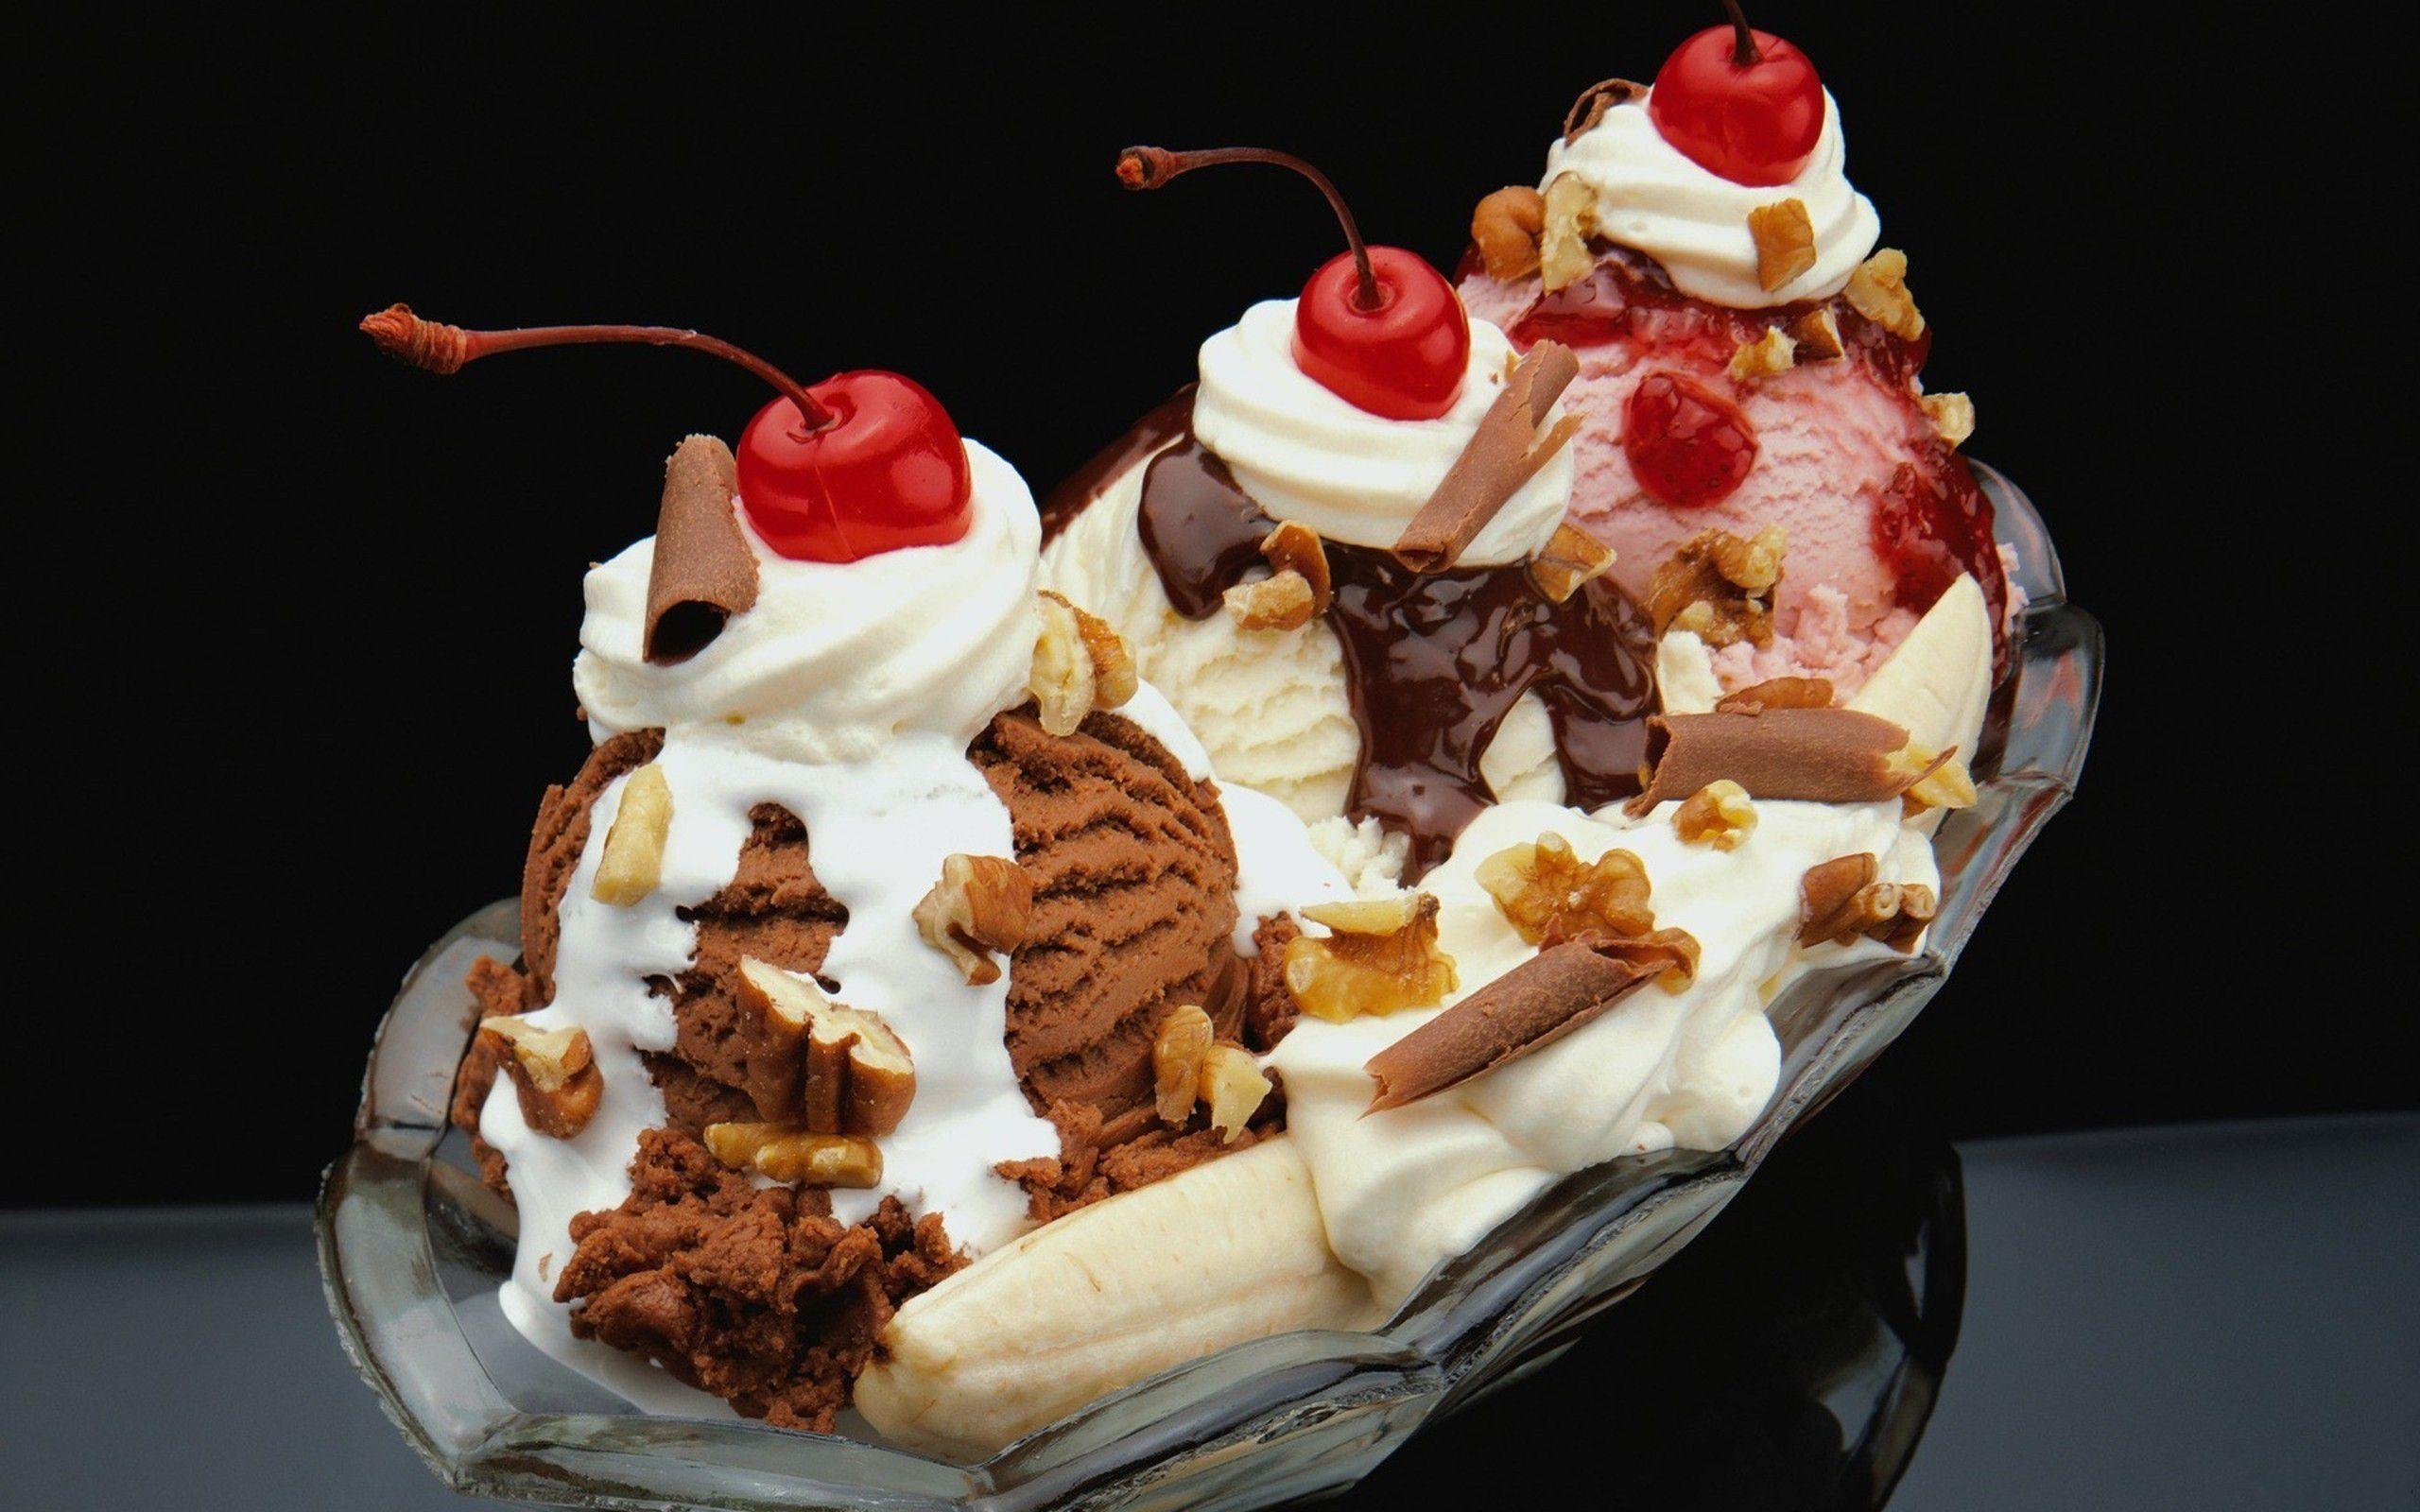 мороженое банановое клубника  № 2145334 бесплатно